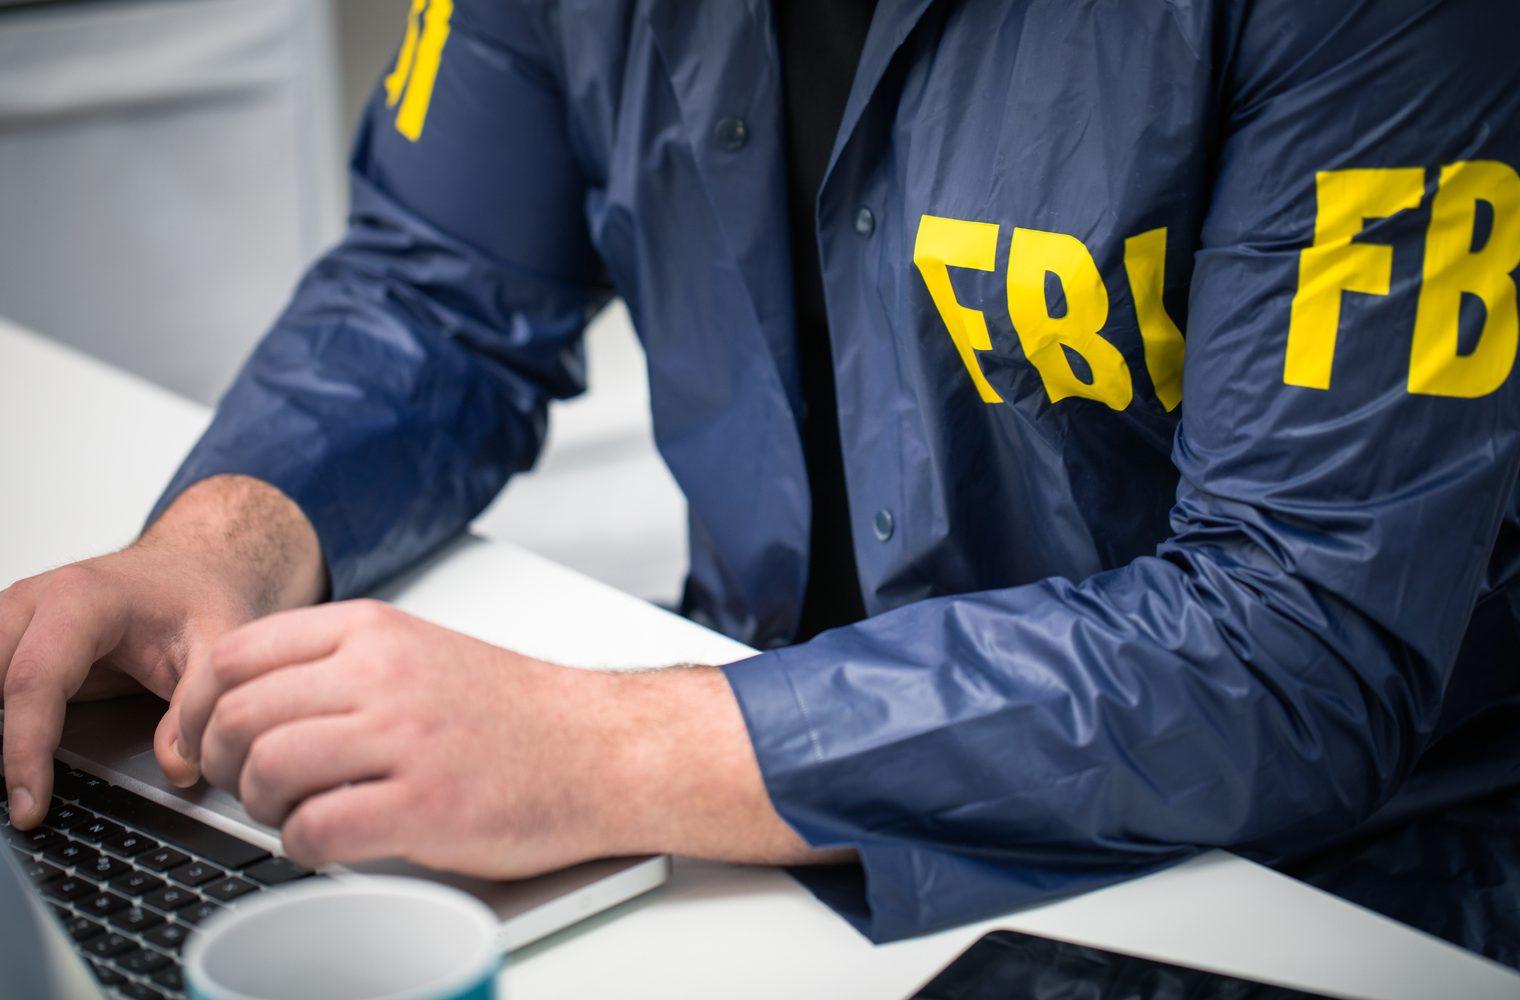 El FBI dice que la preocupación de Bitcoin se está volviendo cada vez más grande